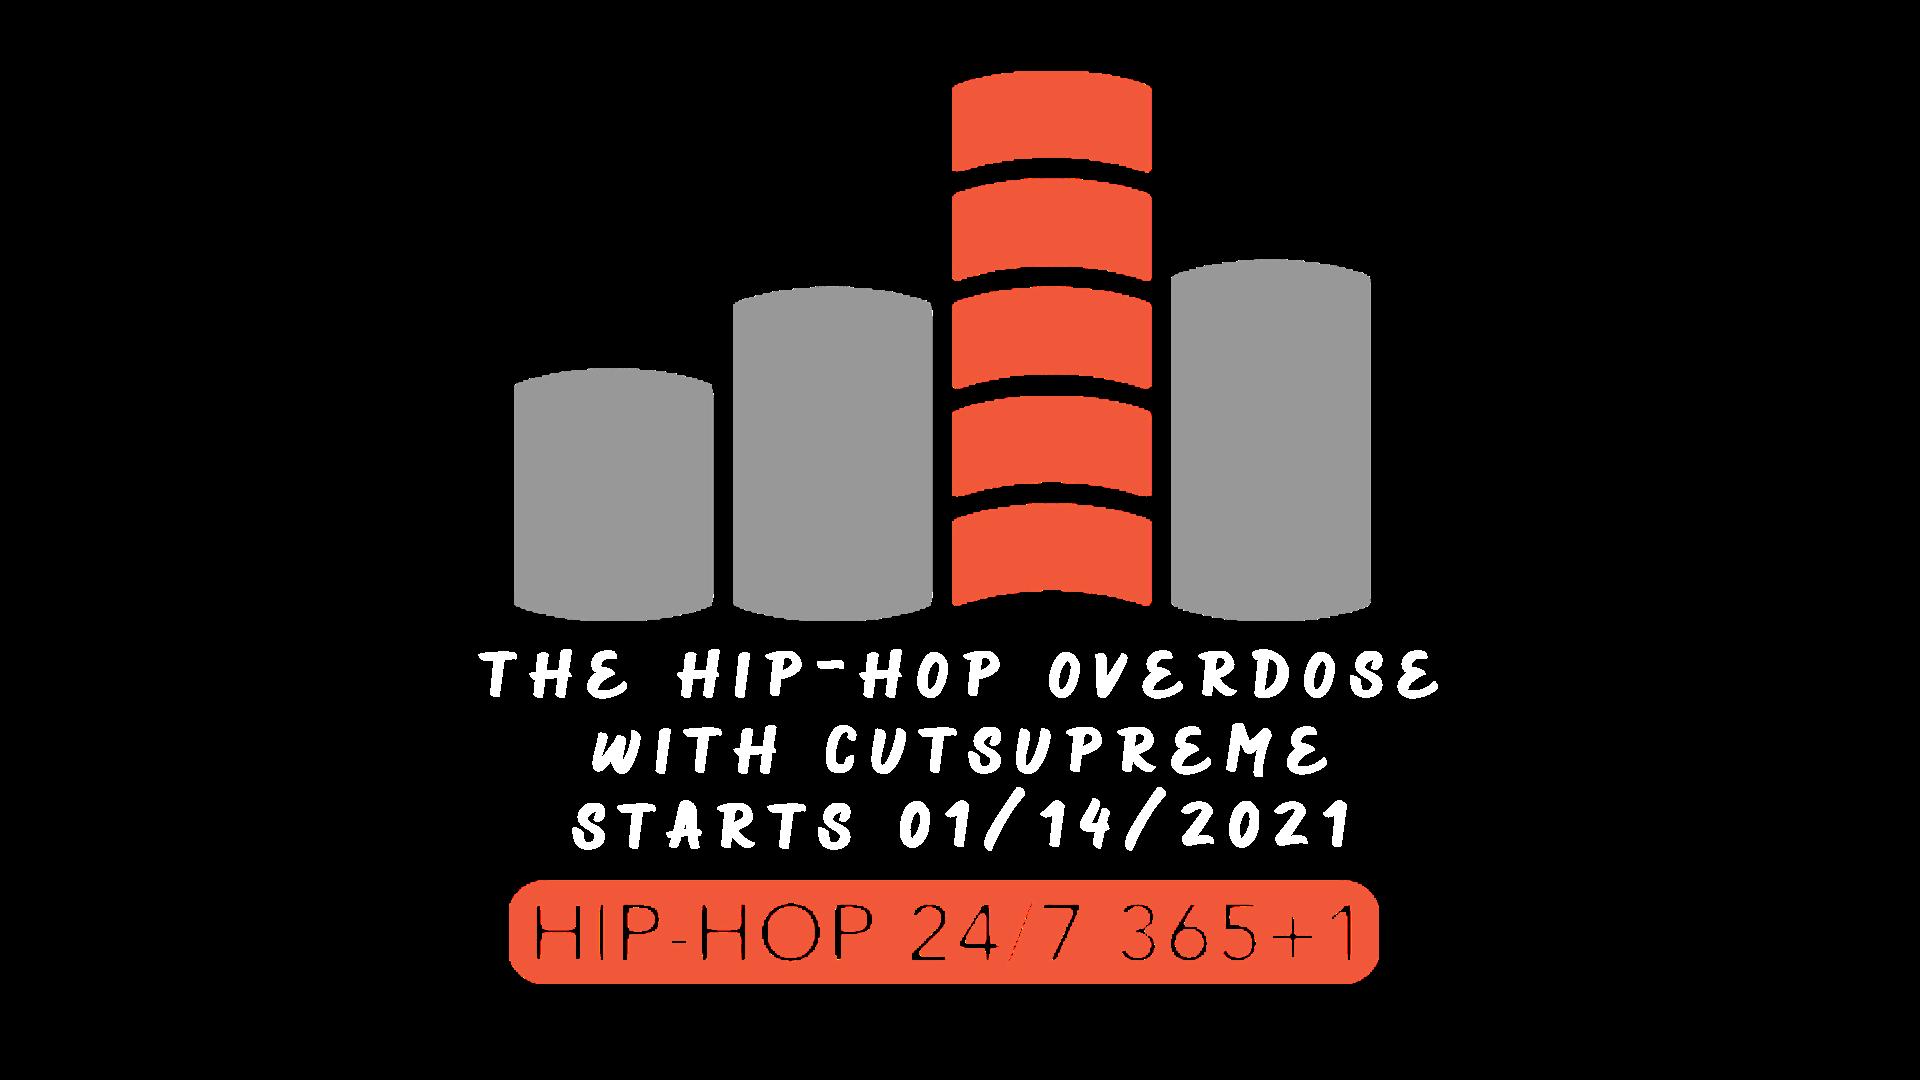 The Hip-Hop Overdose